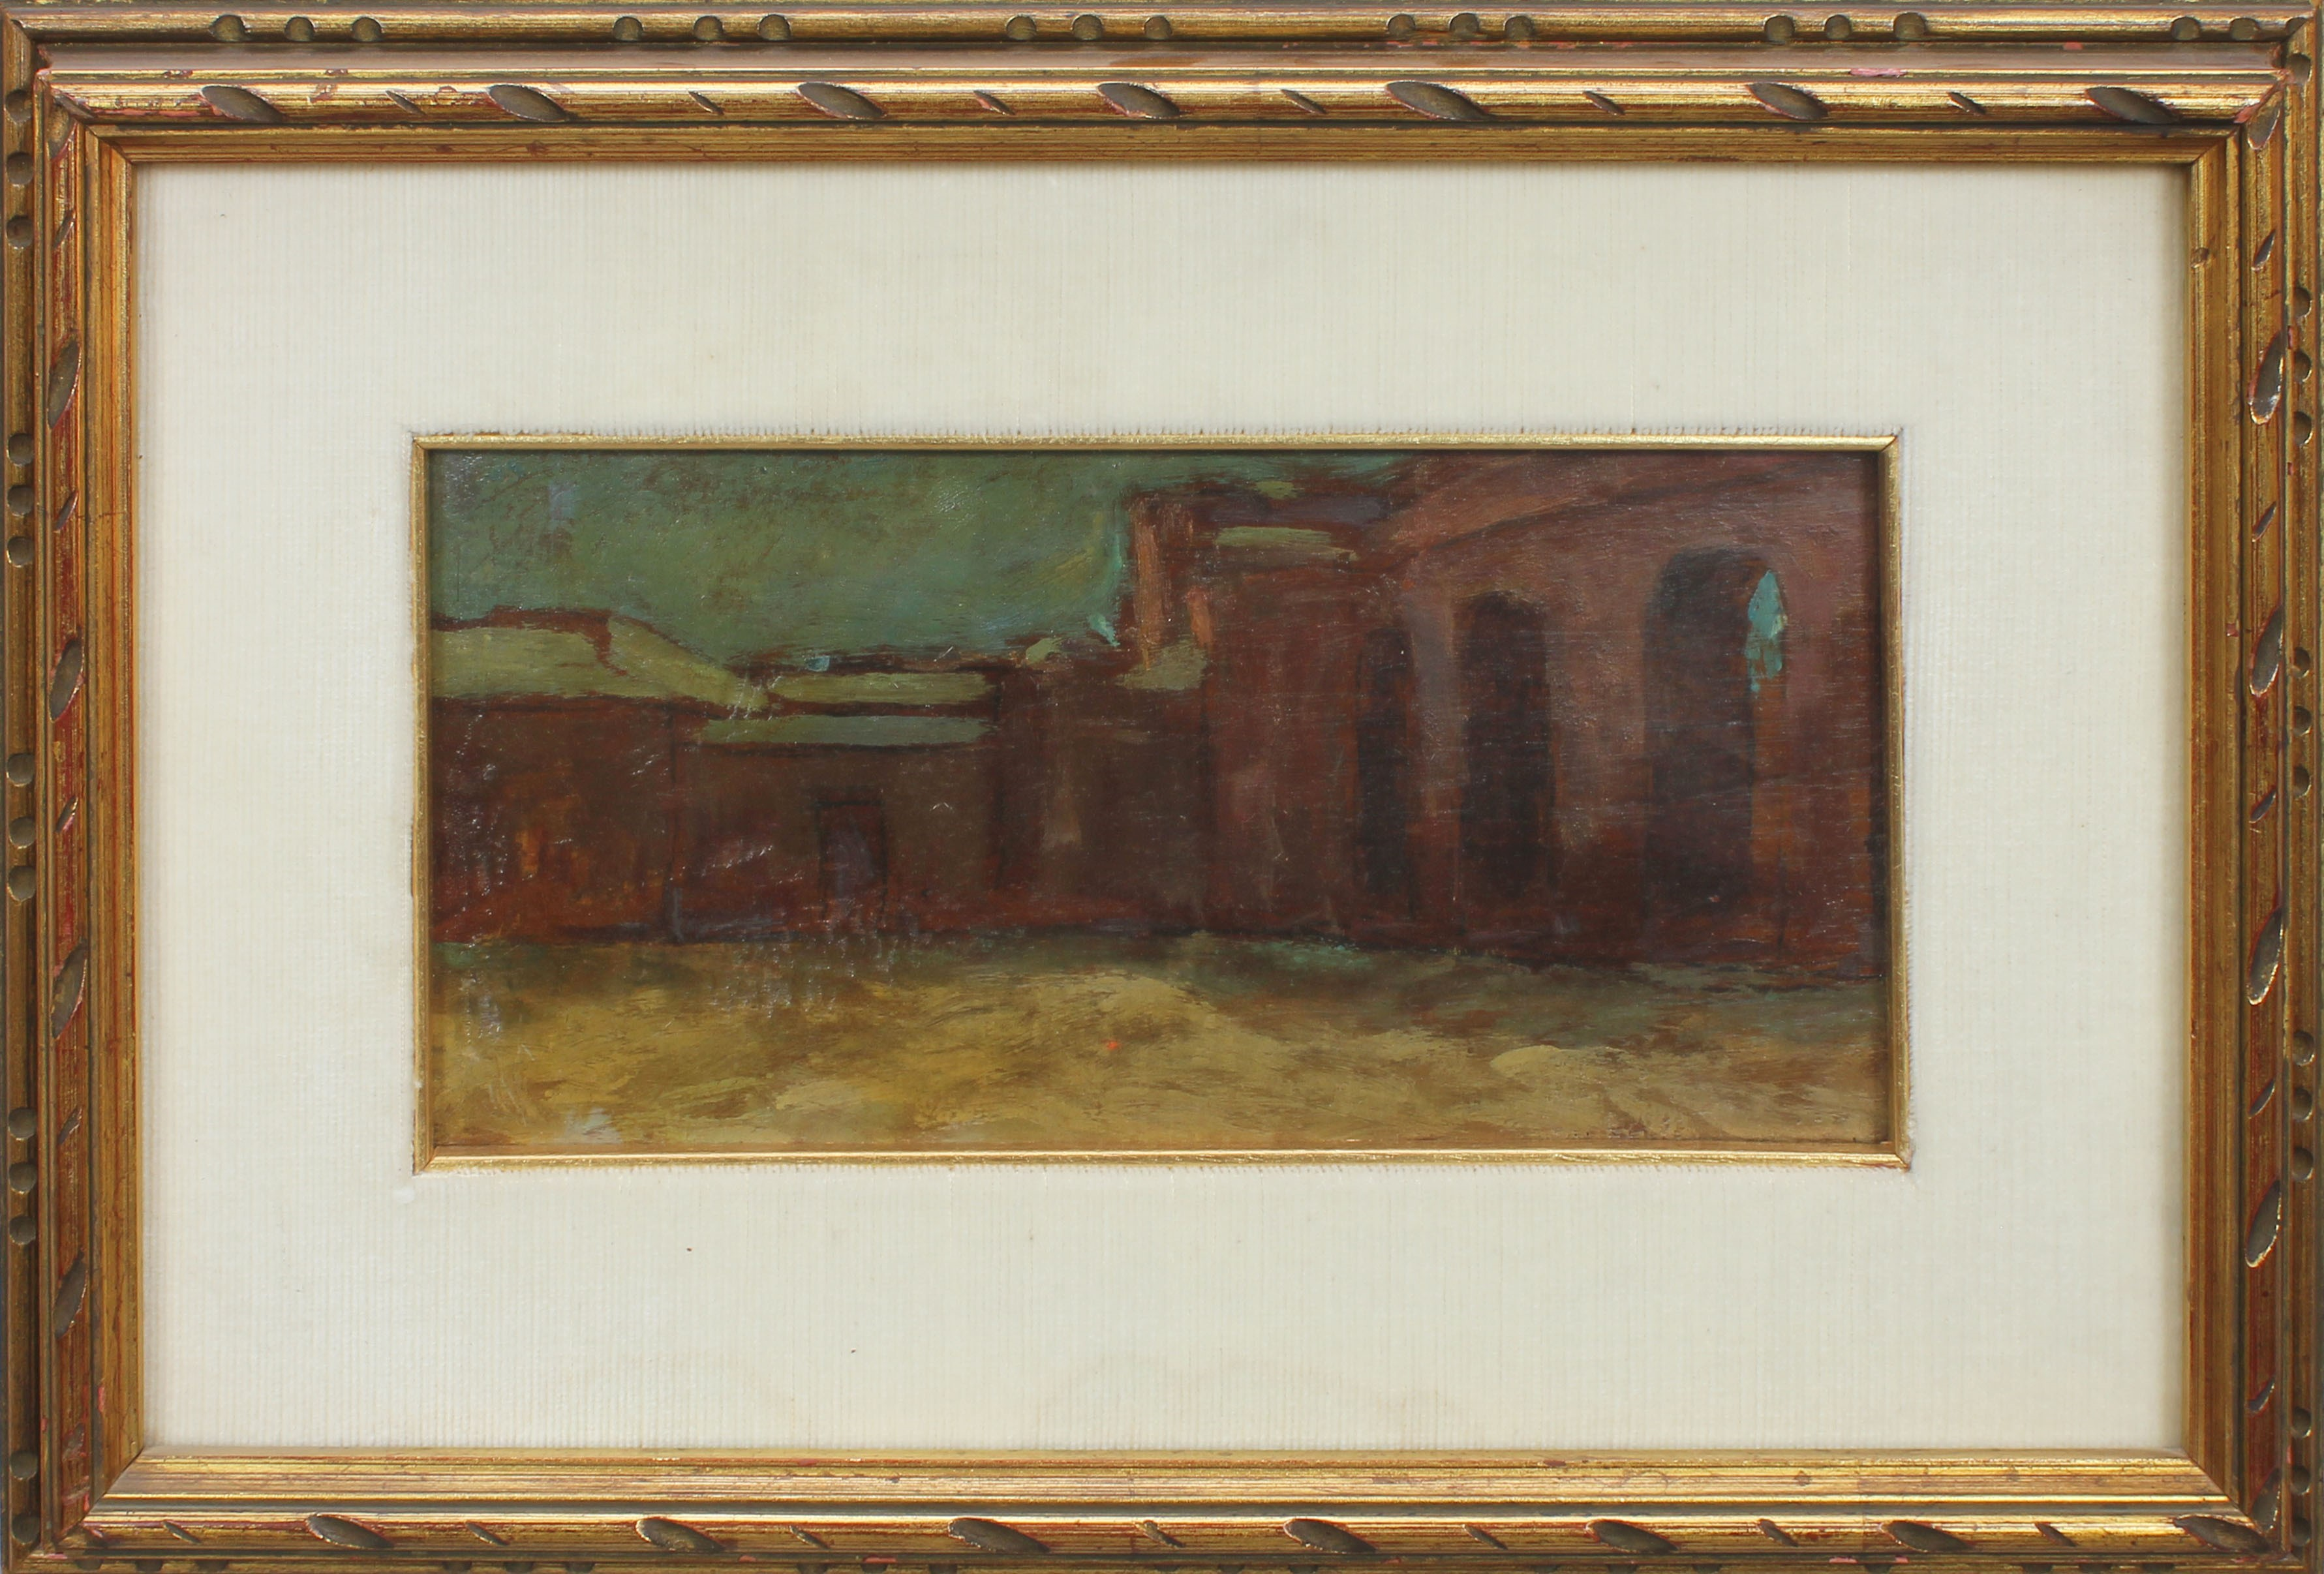 Lot 55 - Palazzo del Te, Mantova, olio su tela, cm. 30x14 anni 40/50